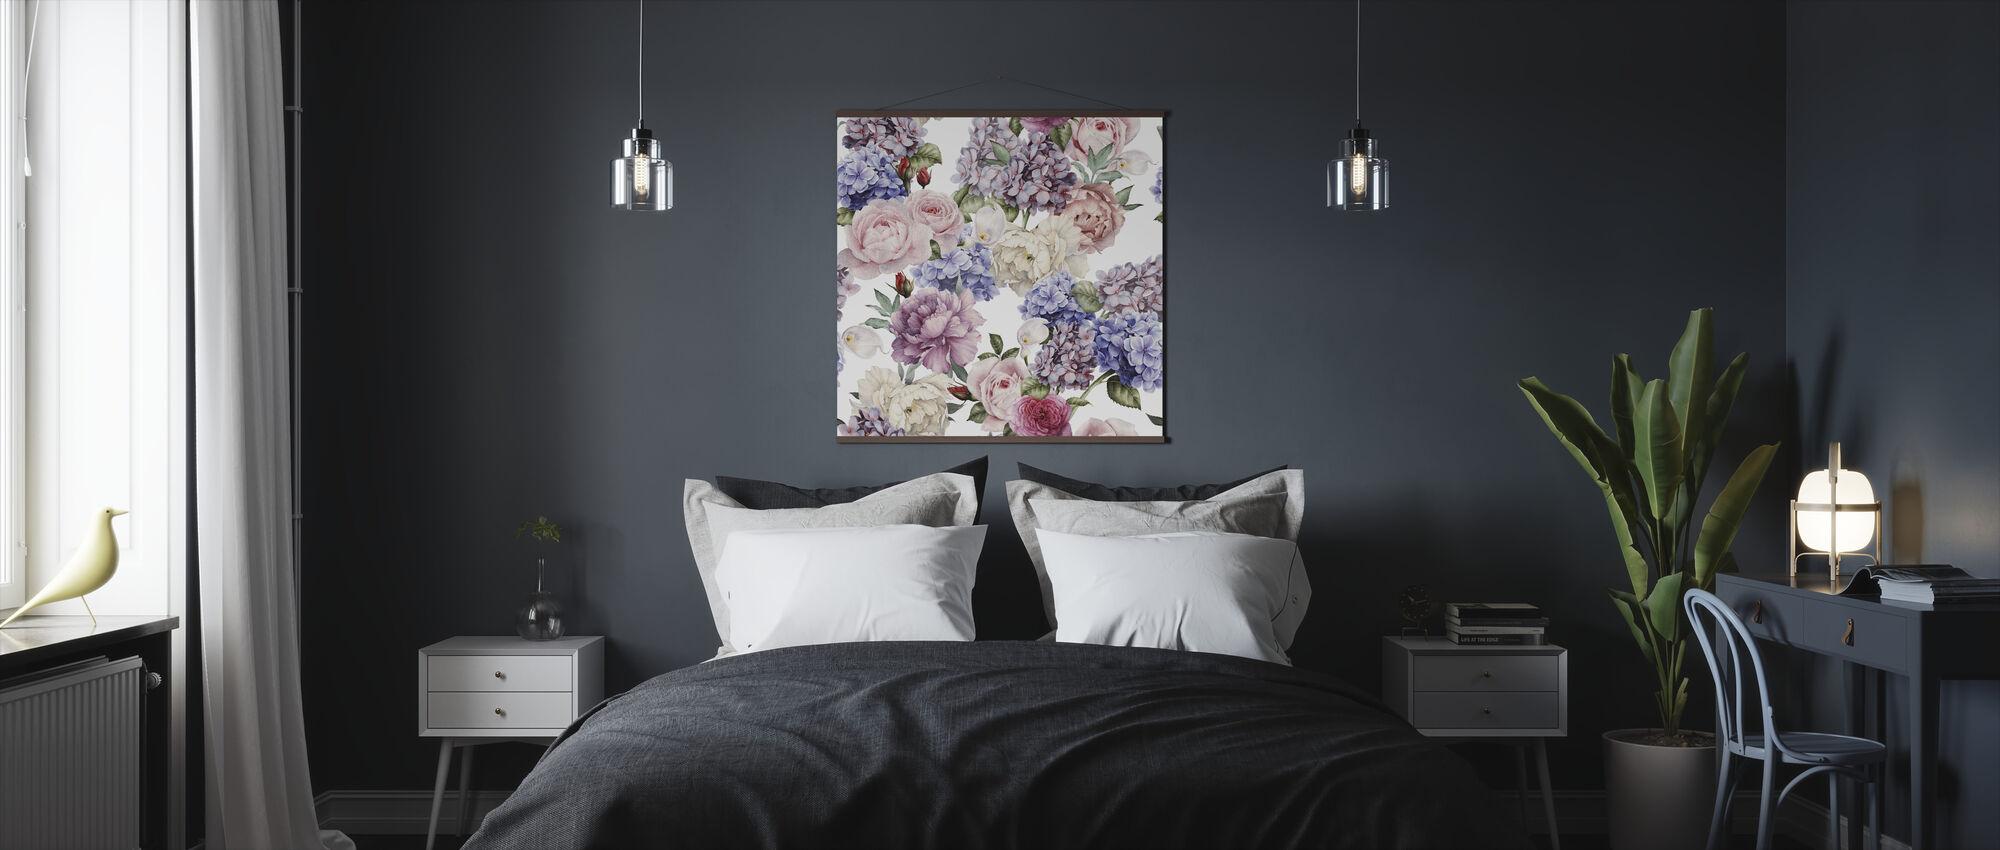 Eindeloze zomer - Poster - Slaapkamer